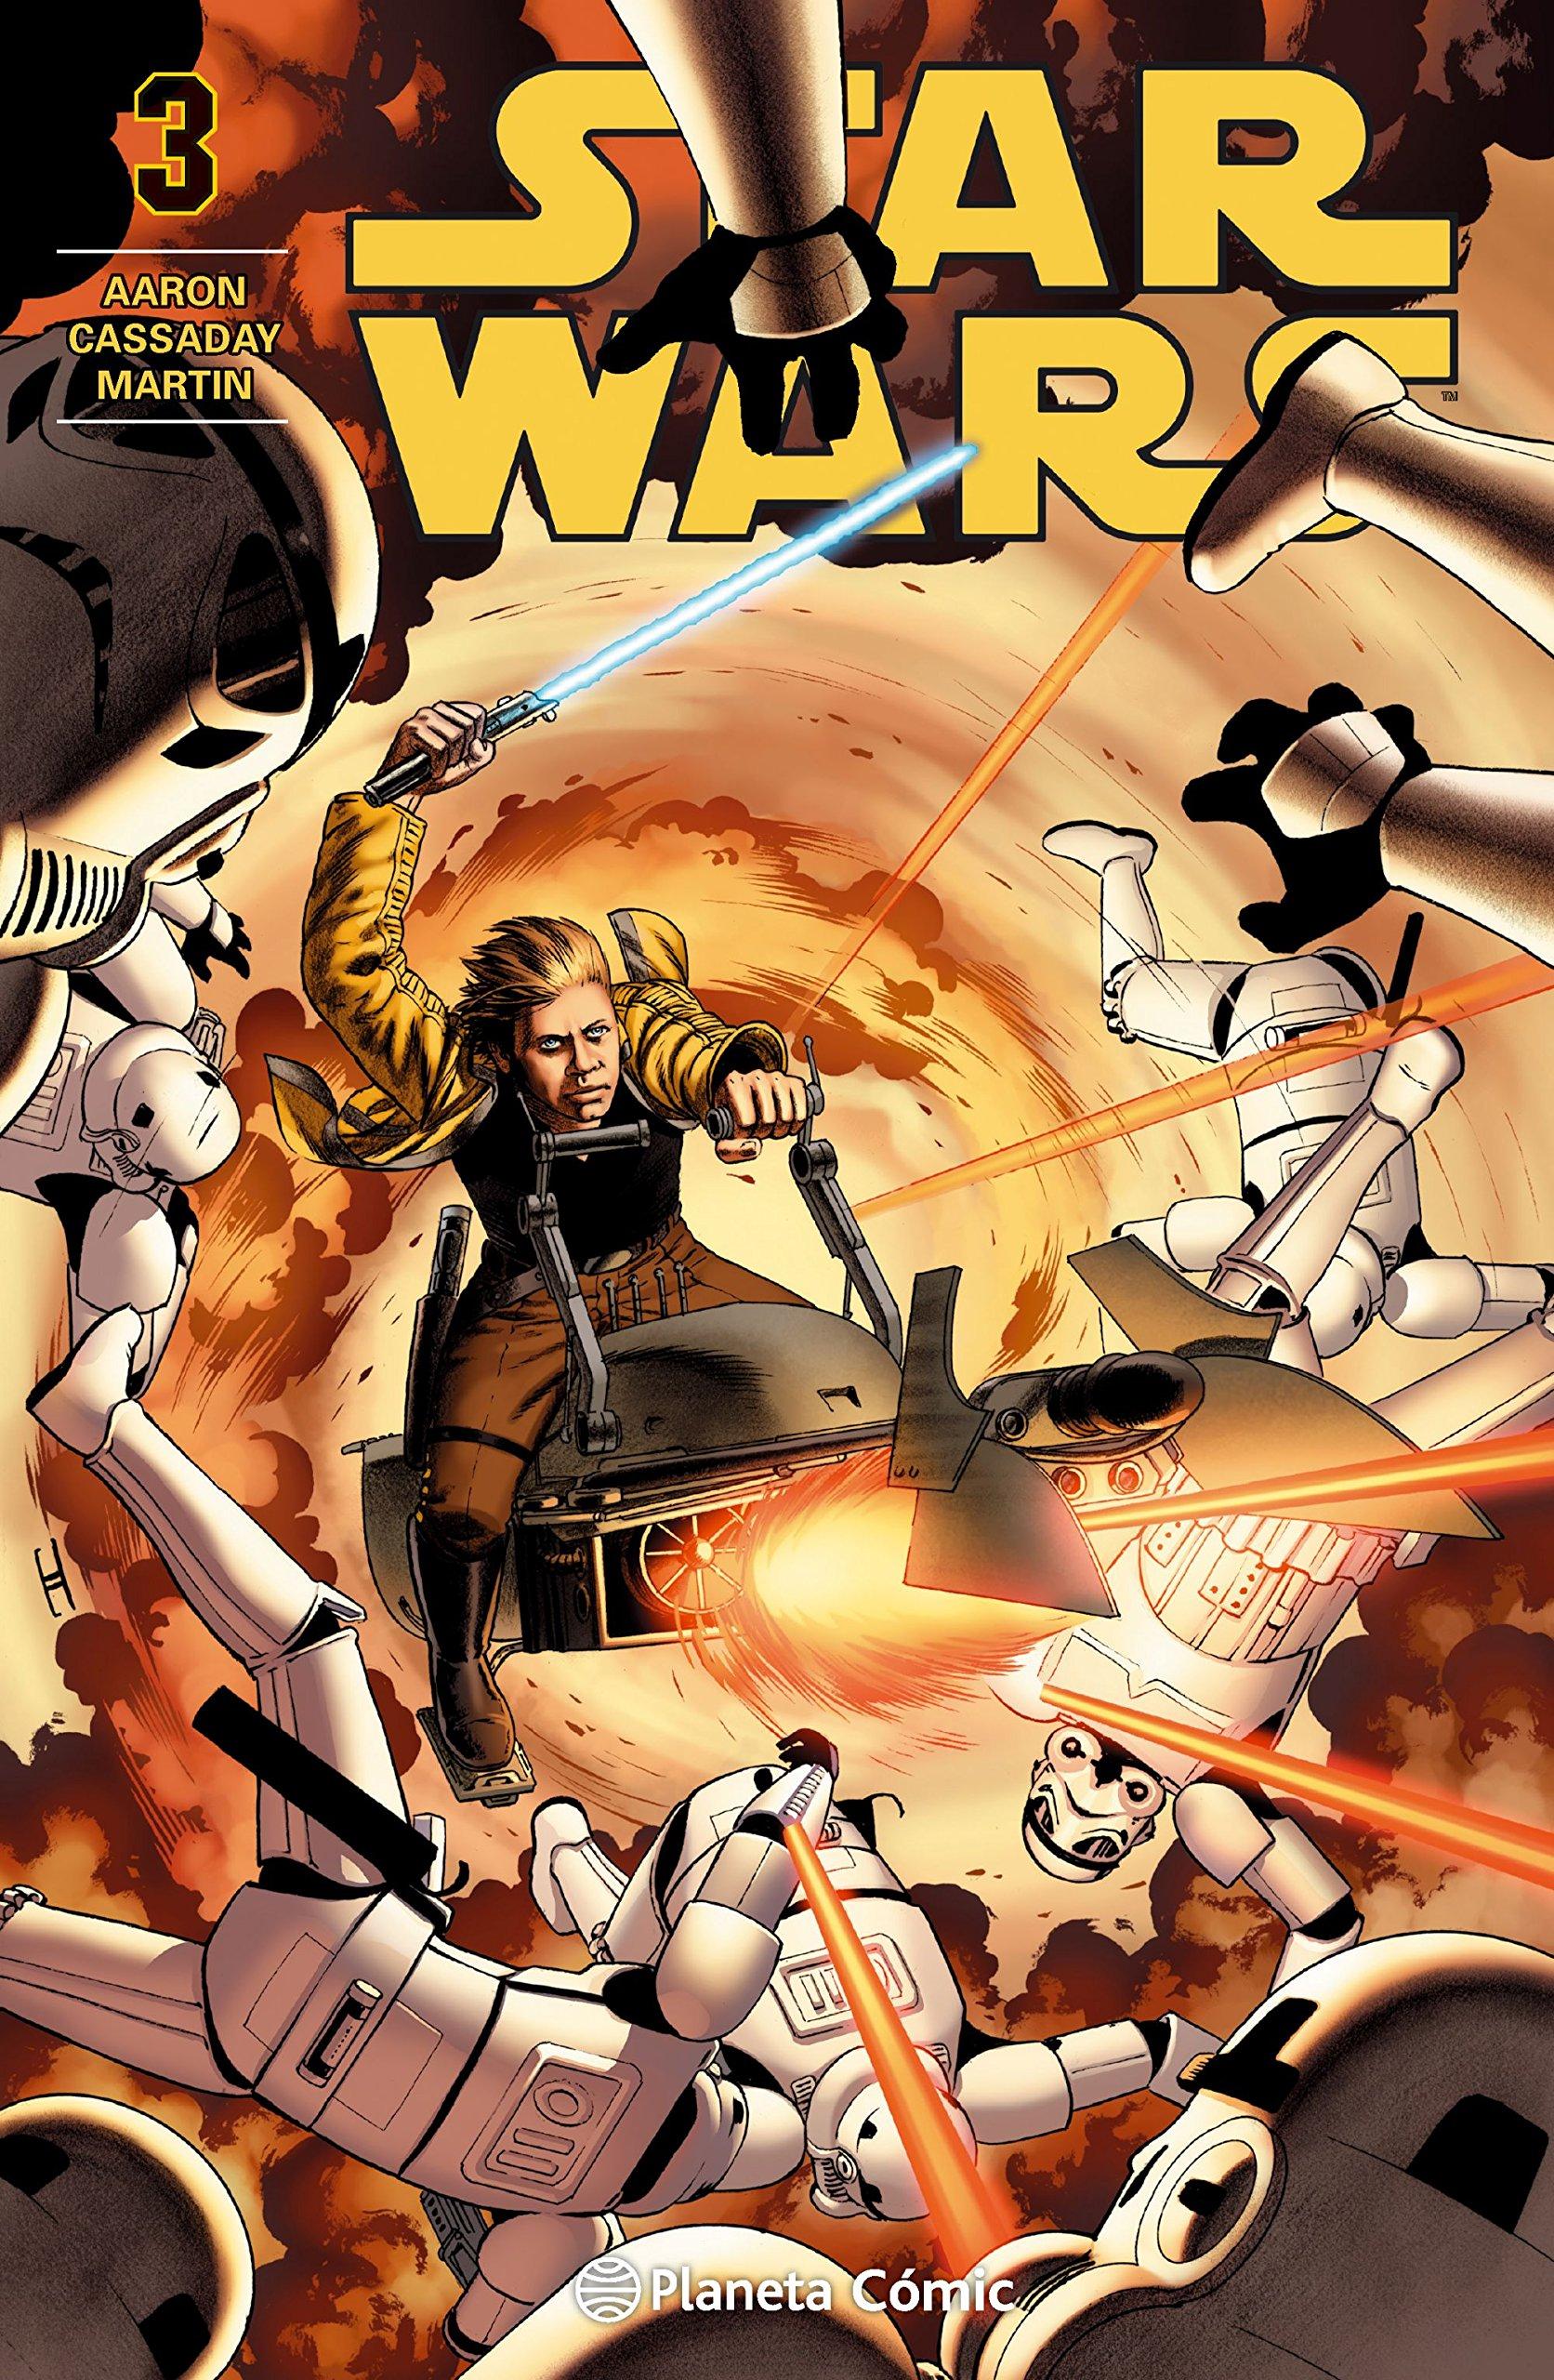 Star Wars Vol.2 #3